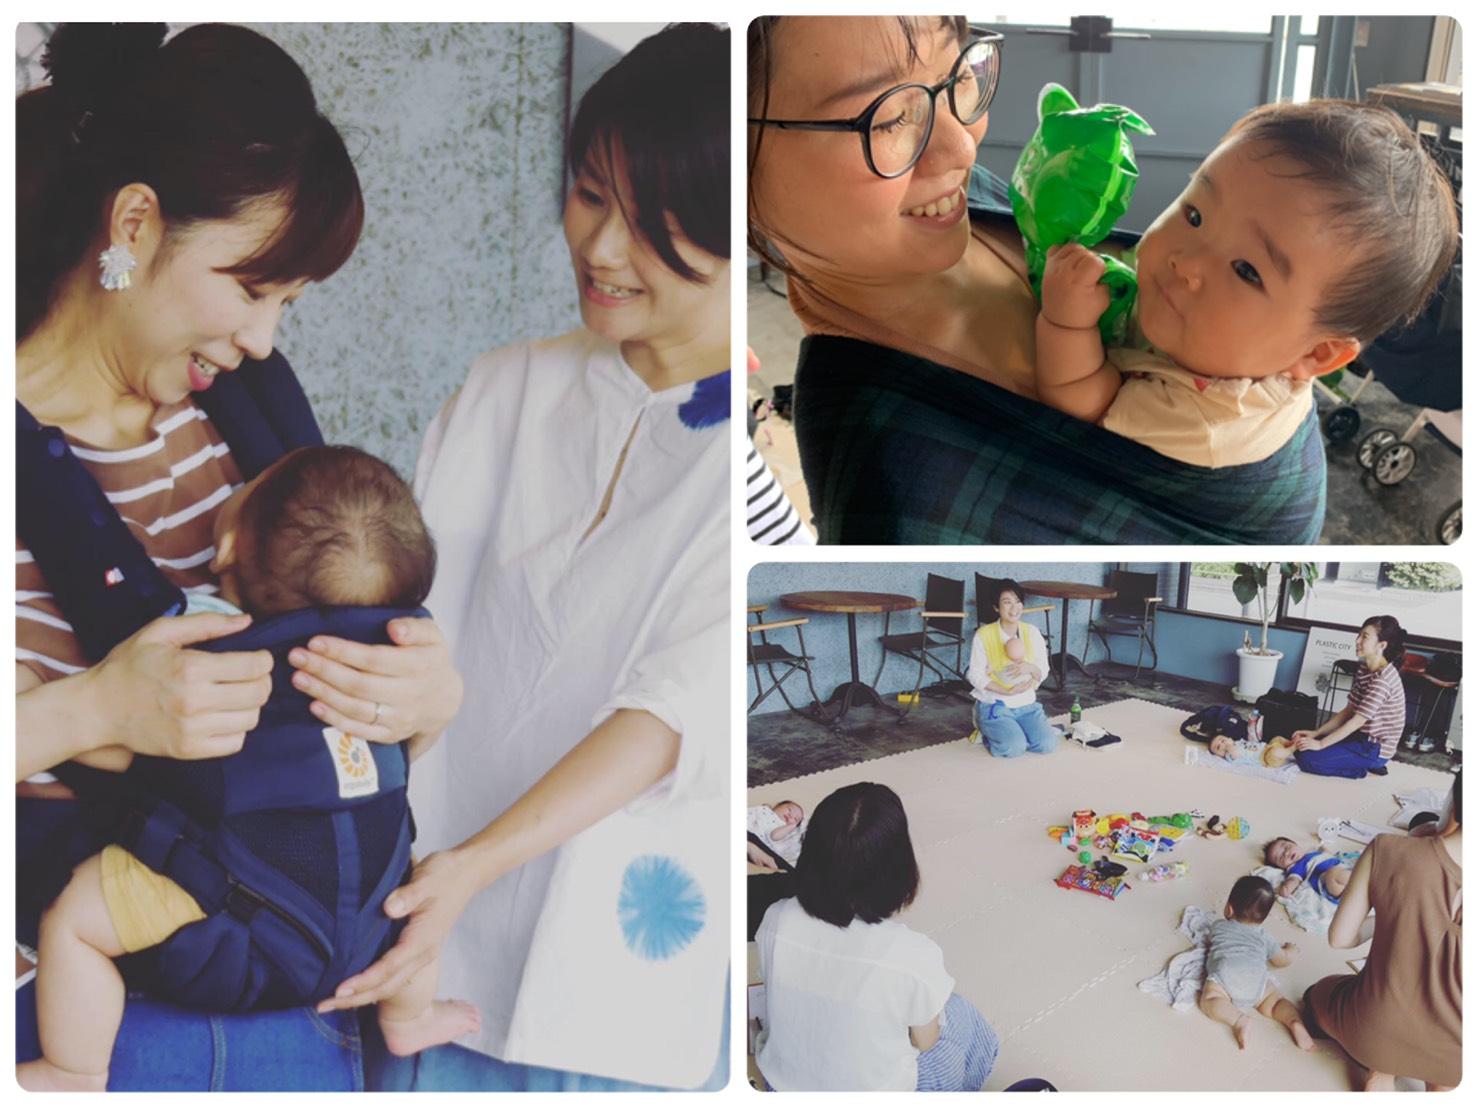 【9月25日】ママと赤ちゃんがラクになる、楽しくなる抱っこ講座